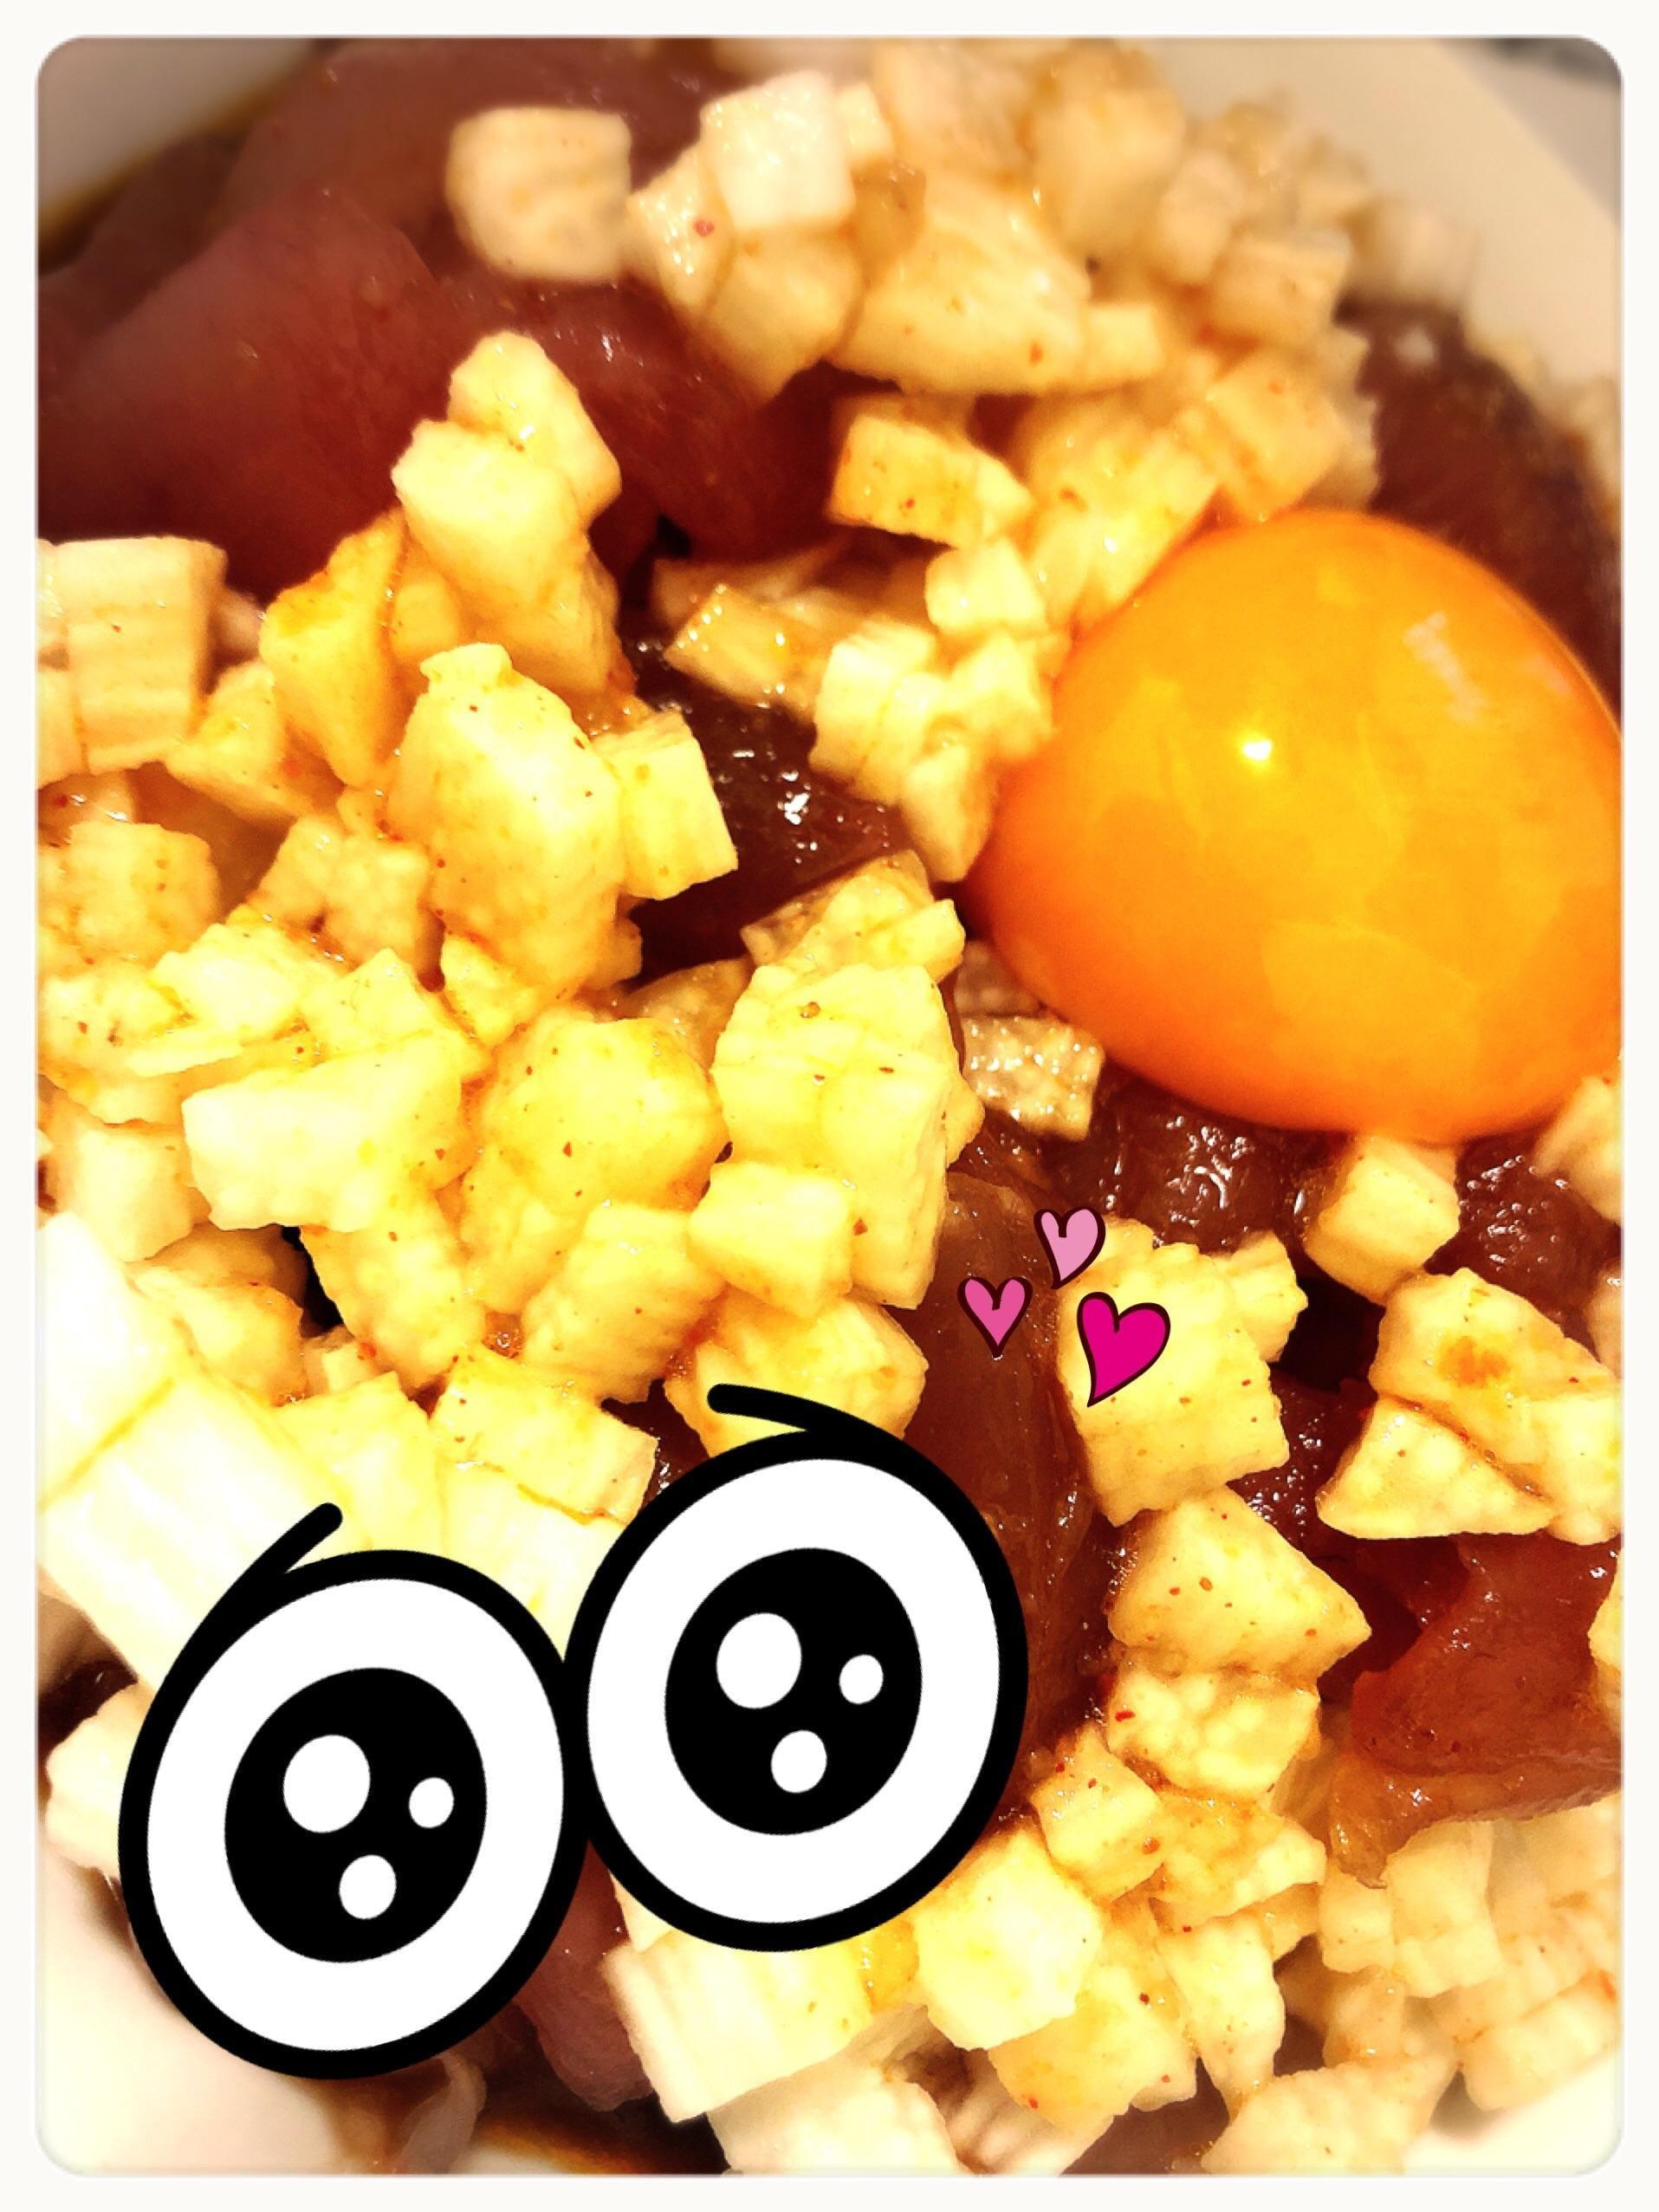 「食べたい(  °-°  )」01/18(金) 00:10 | せいらの写メ・風俗動画